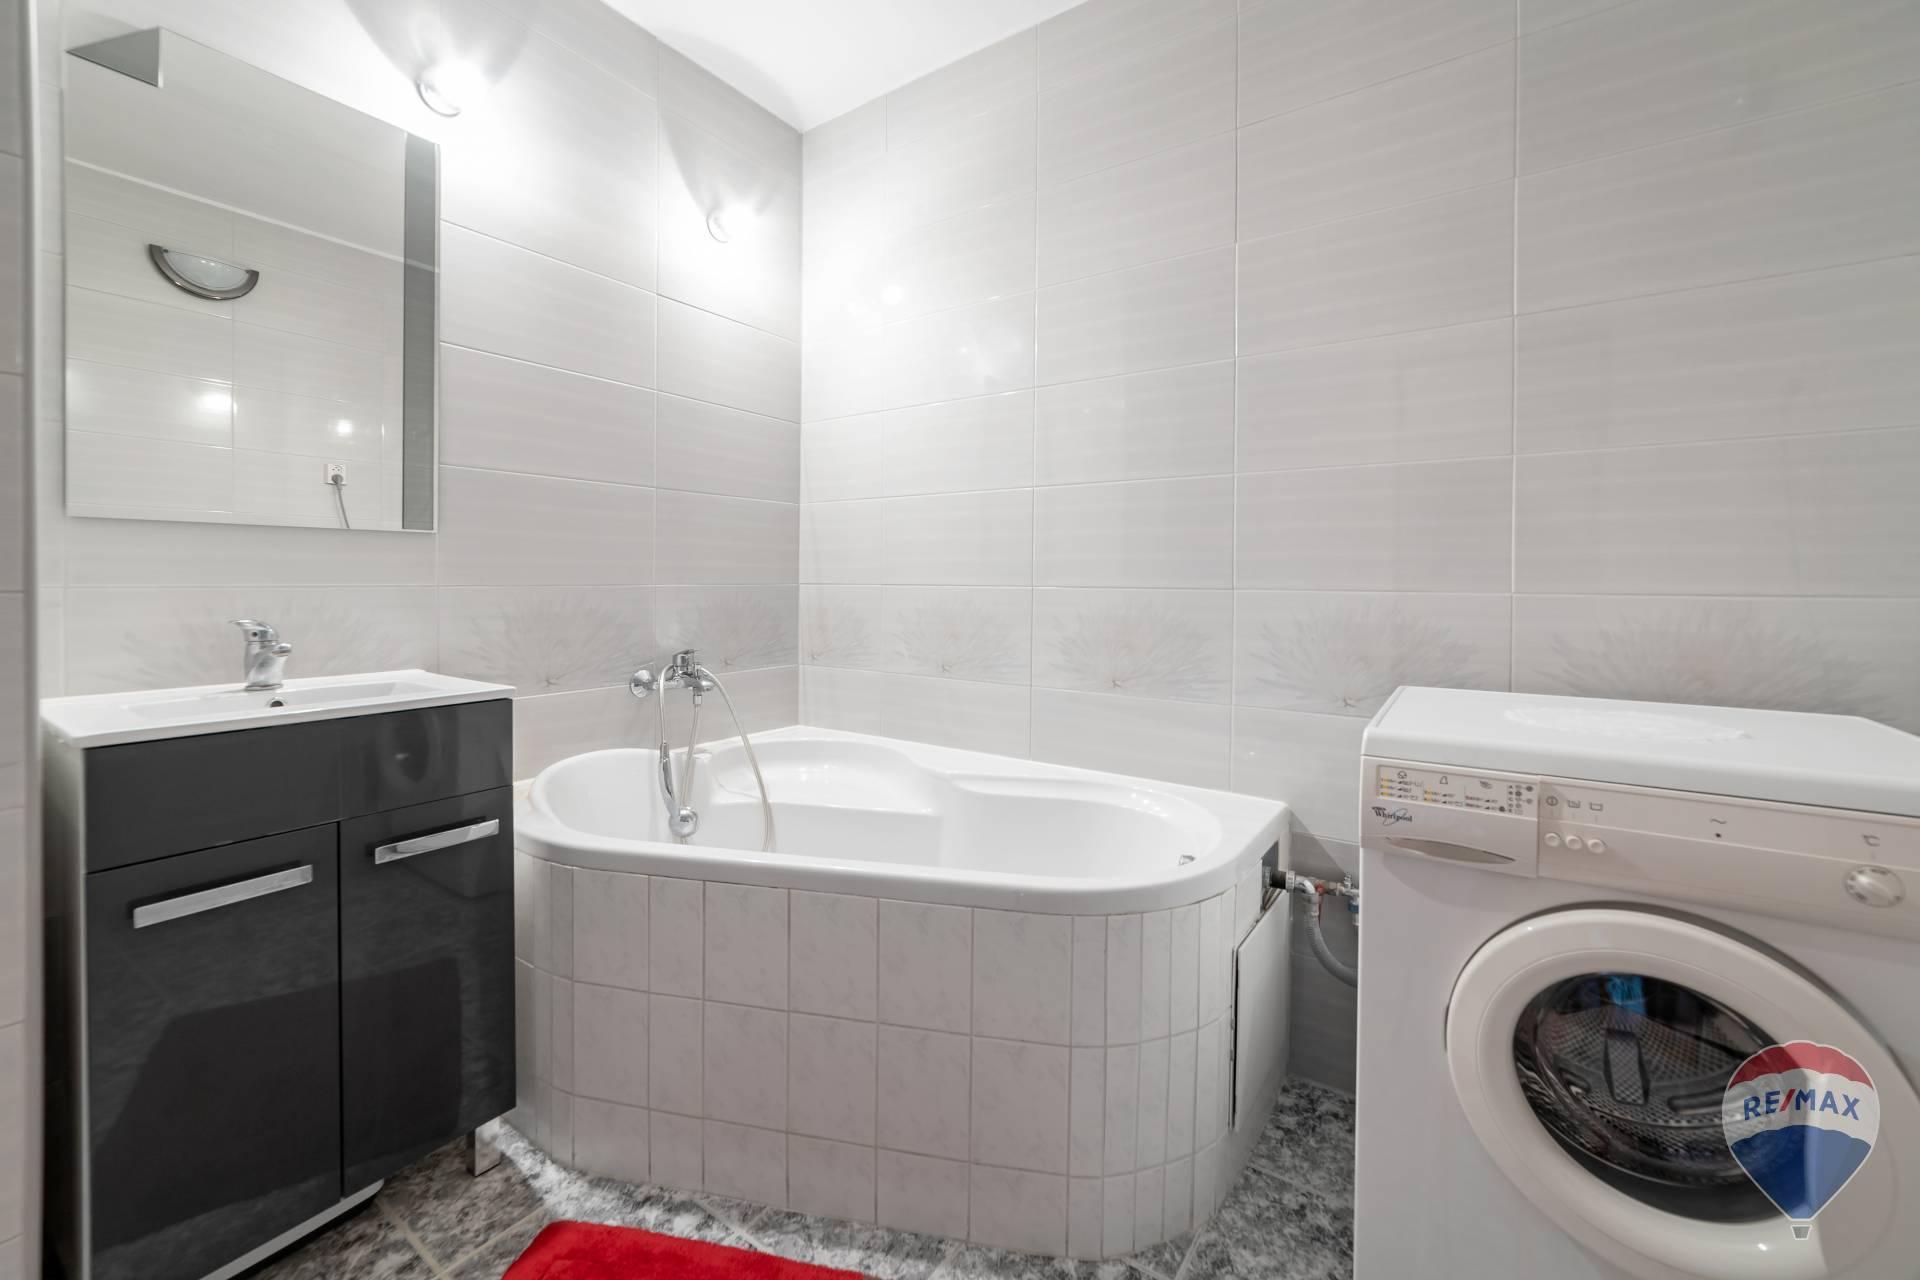 Prenájom bytu (2 izbový) 50 m2, Trenčín -